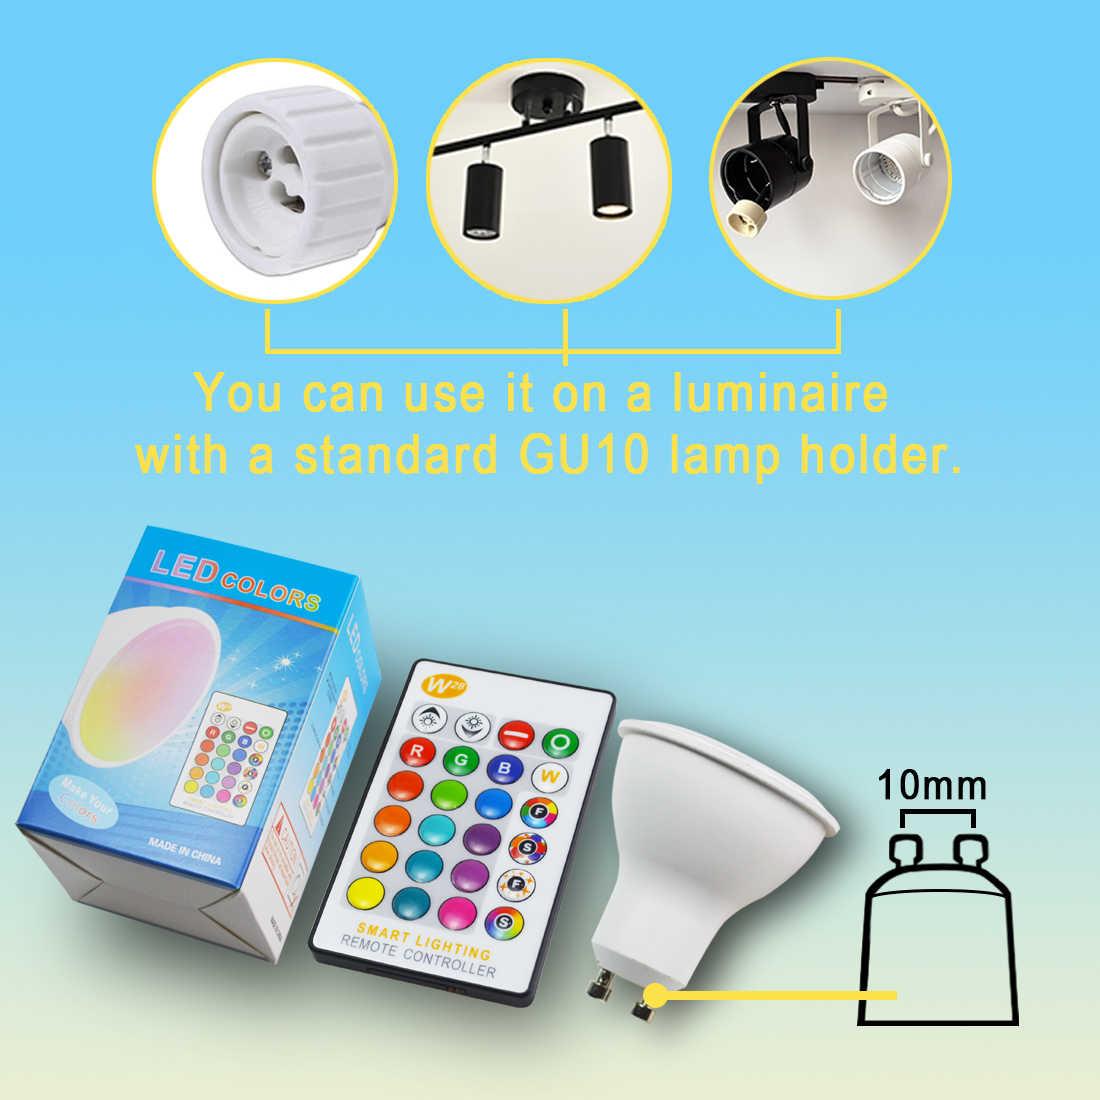 GU10 Светодиодный точечный светильник 8 Вт RGB + белый светильник, лампа 220 В 110 В, светильник с регулируемой яркостью для украшения дома, светильник, меняющий цвет, чашка + ИК-контроль